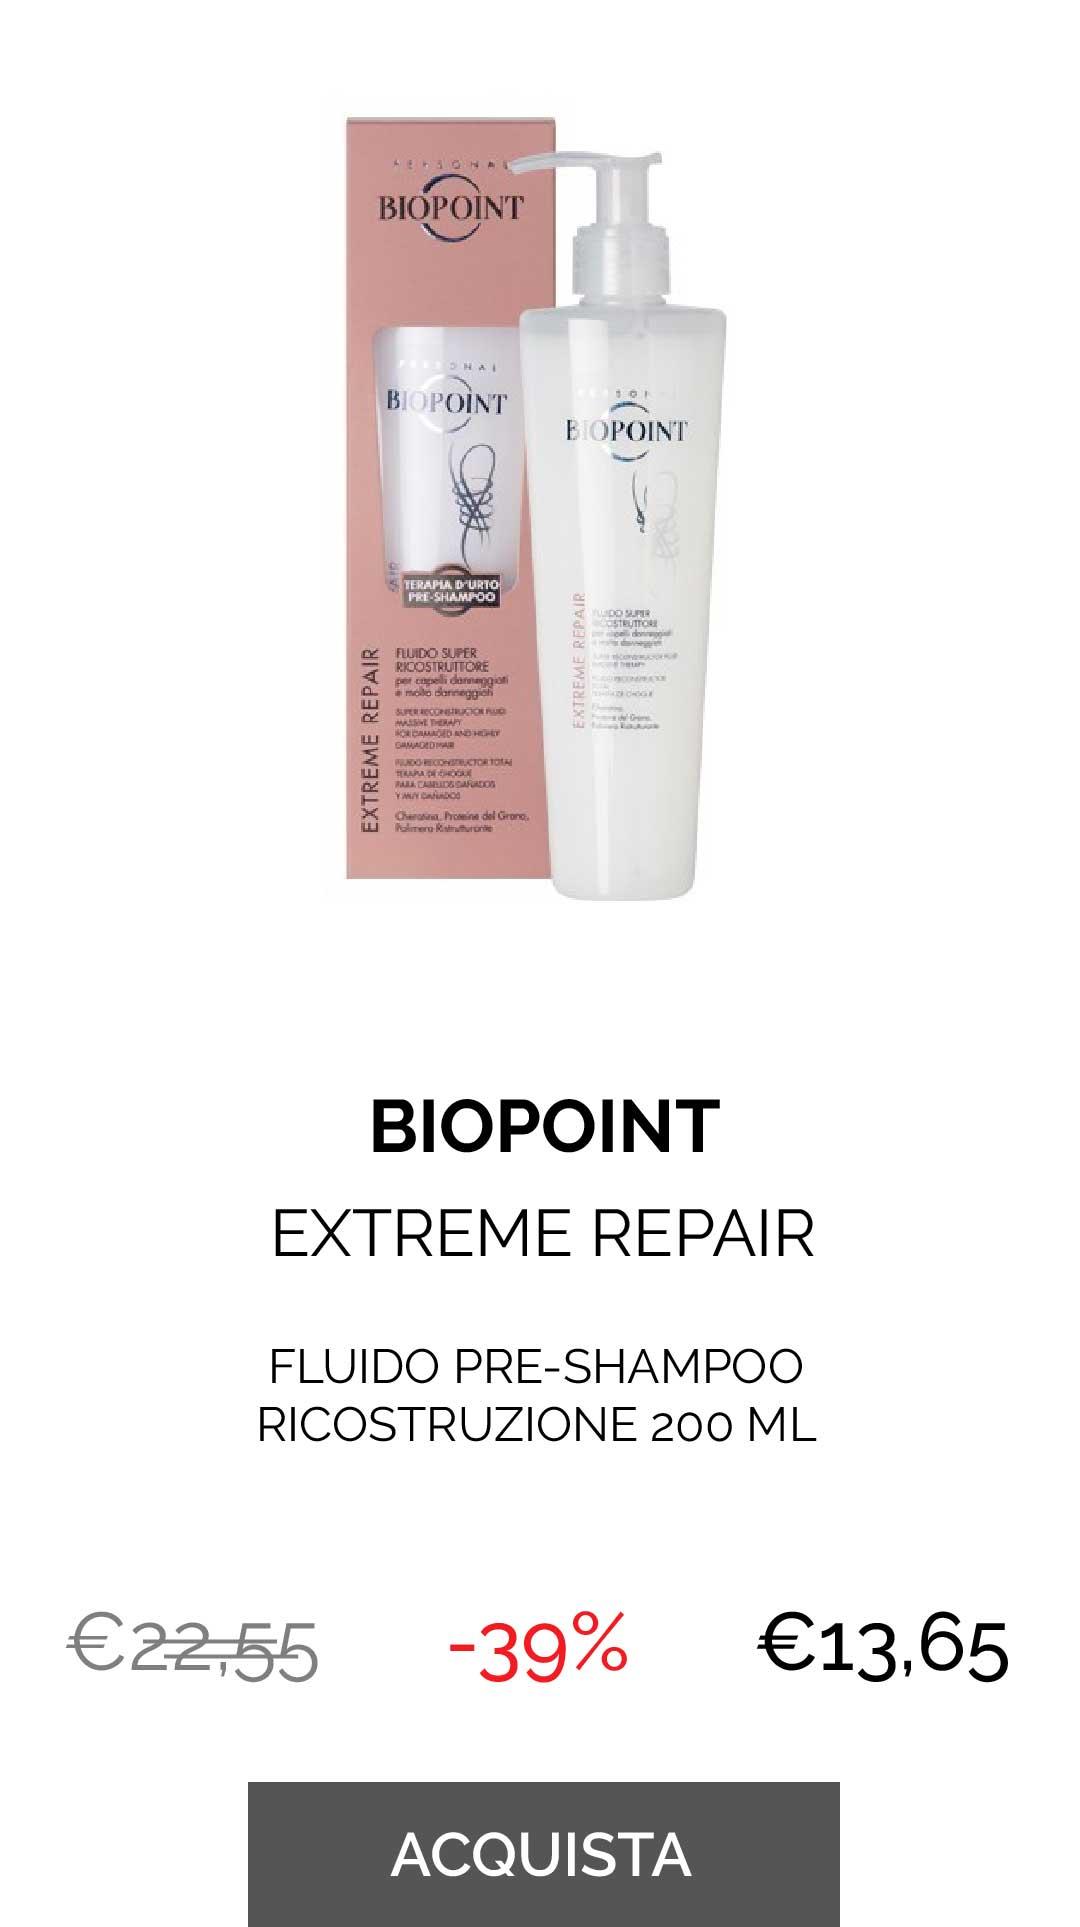 BIOPOINT - FLUIDO PRE-SHAMPOO RICOSTRUZIONE 200 ML